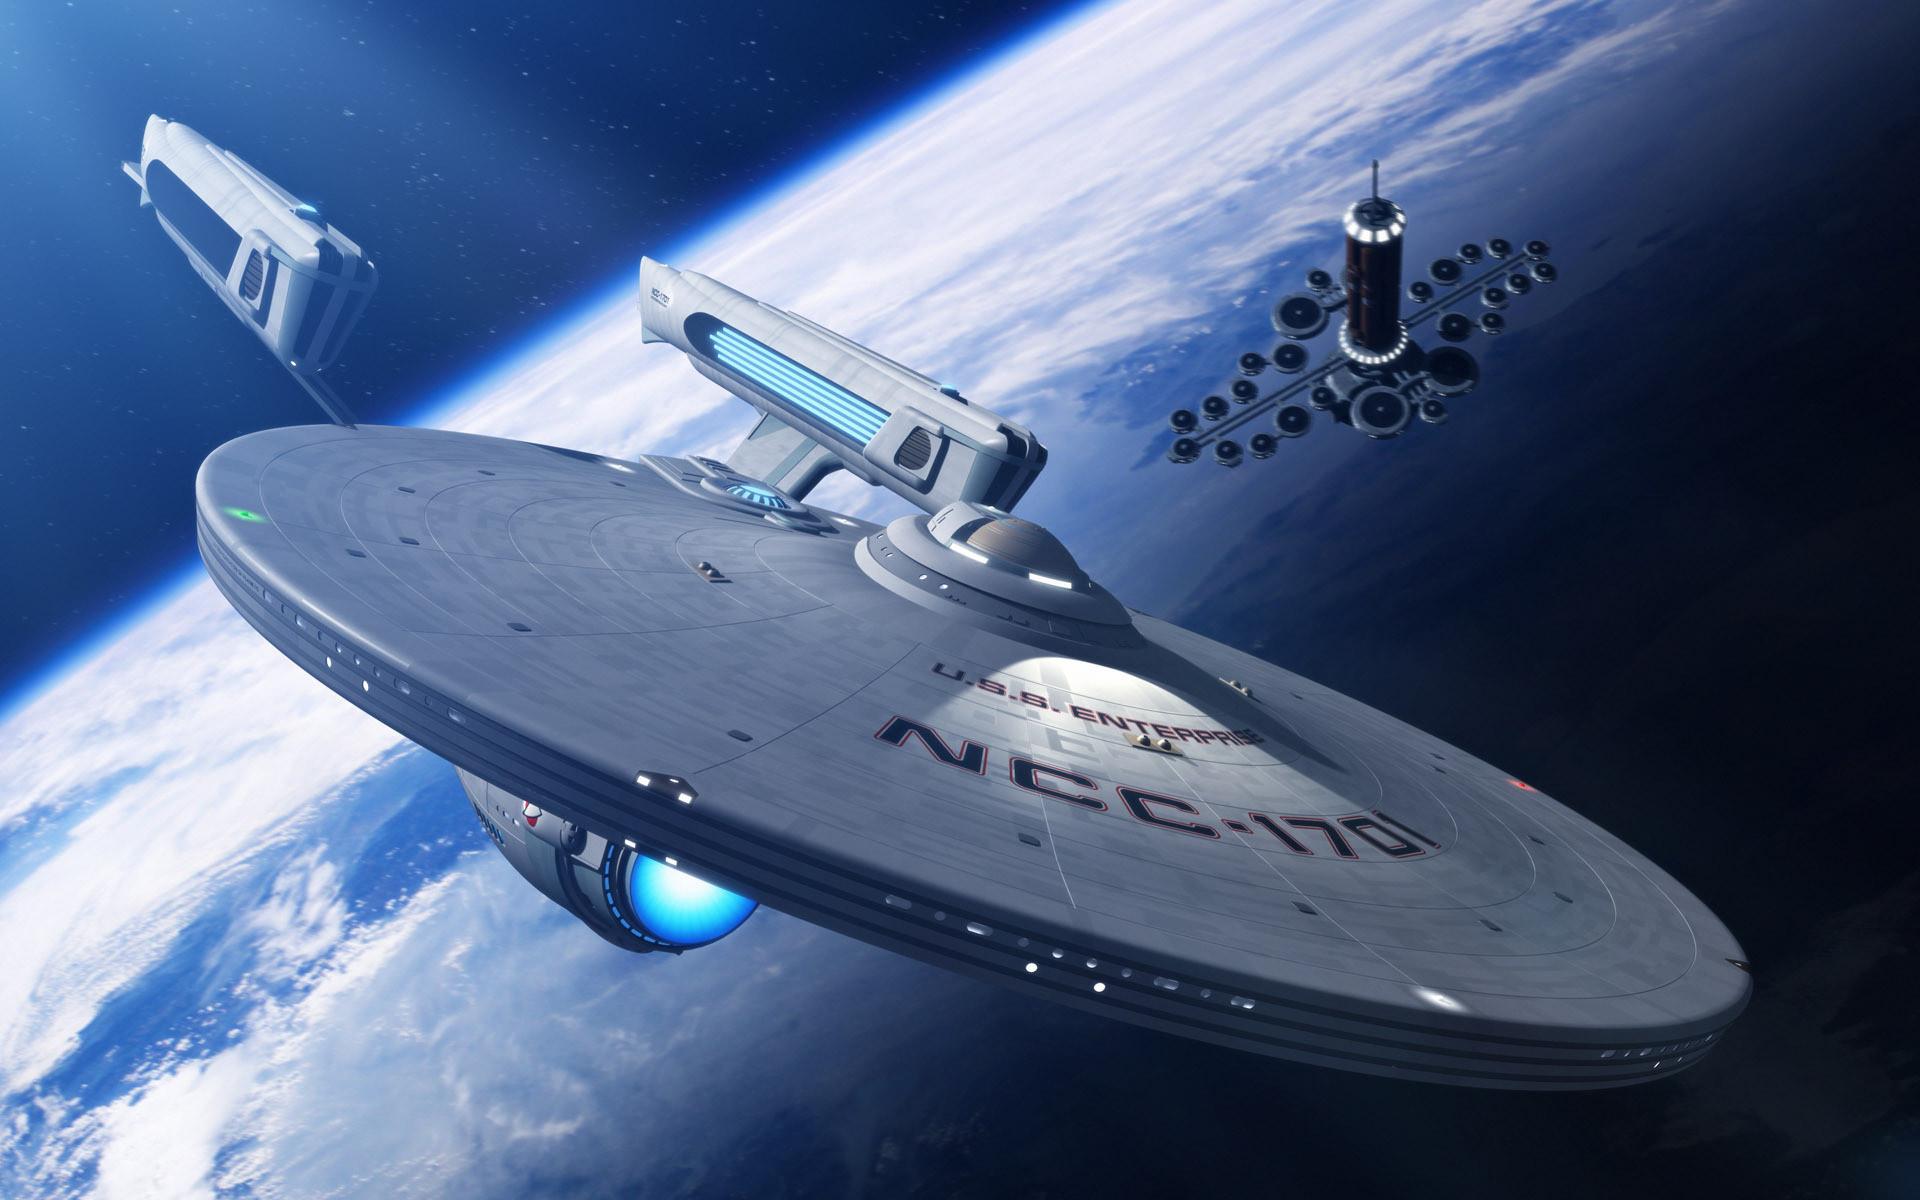 Star Trek Enterprise Wallpaper (74+ images)